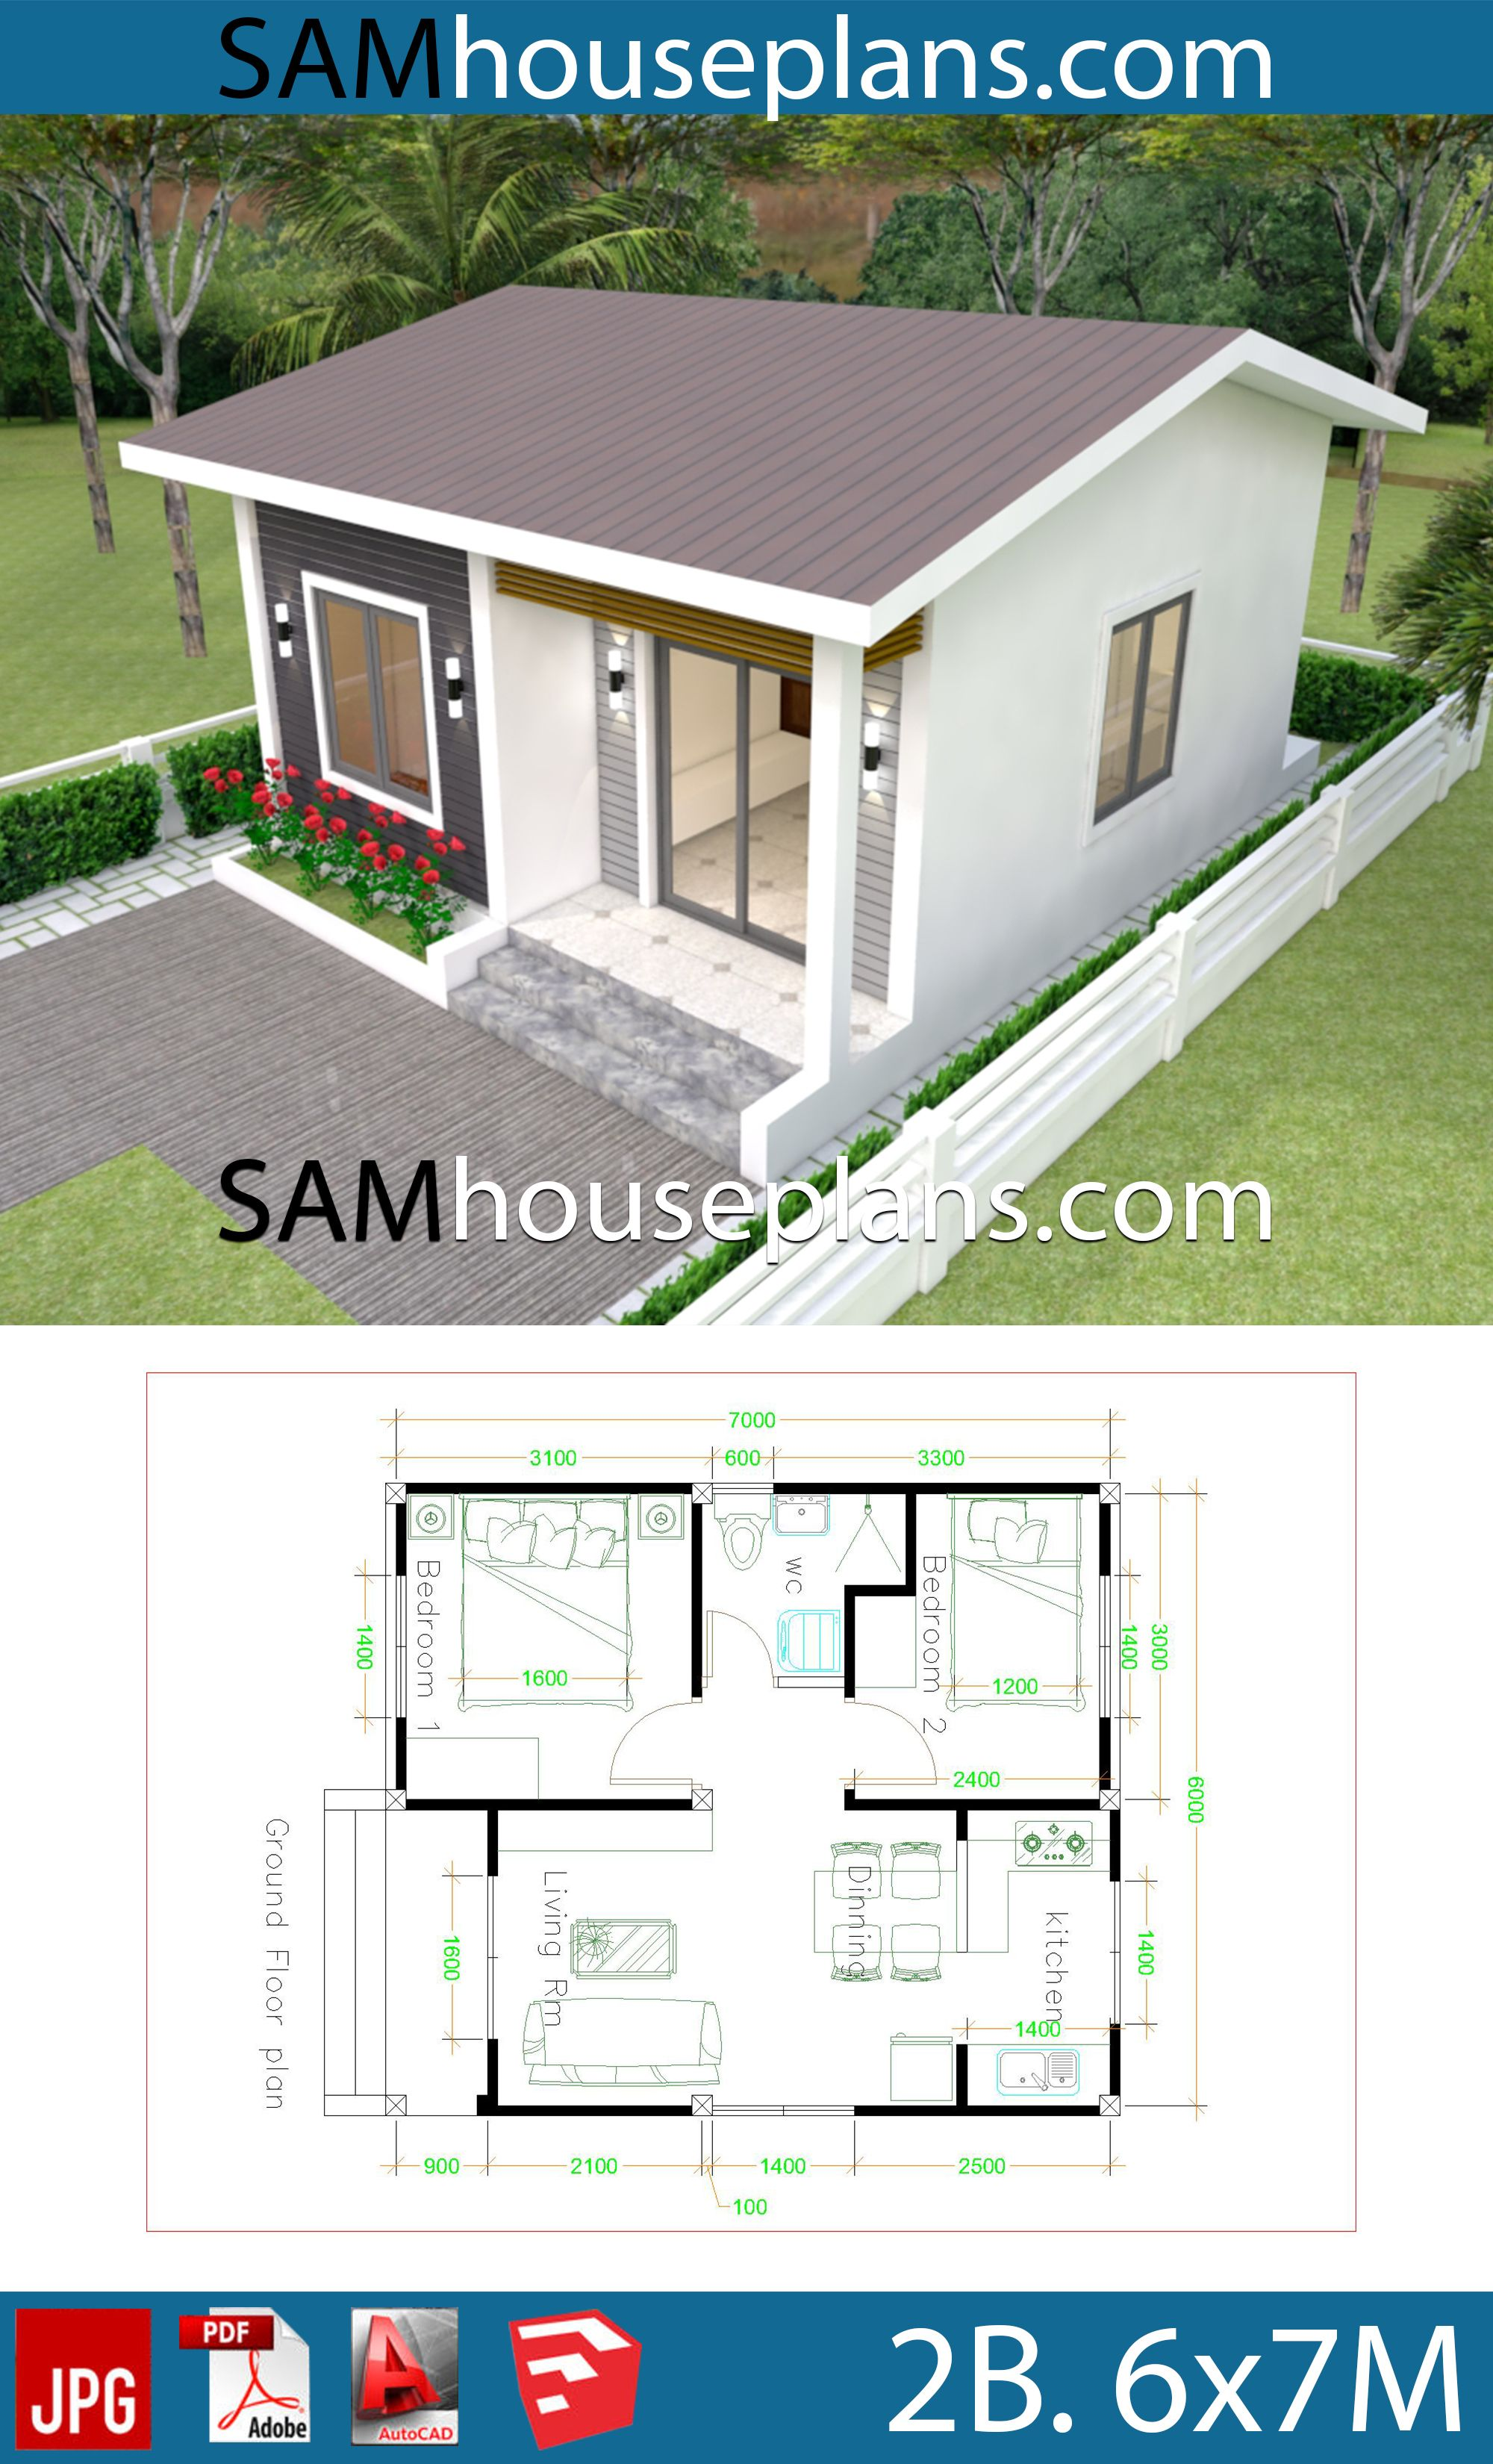 House Plans 6x7m With 2 Bedrooms Sam House Plans Casas Pequenas Prefabricadas Casas Prefabricadas Casas Prefabricadas Economicas